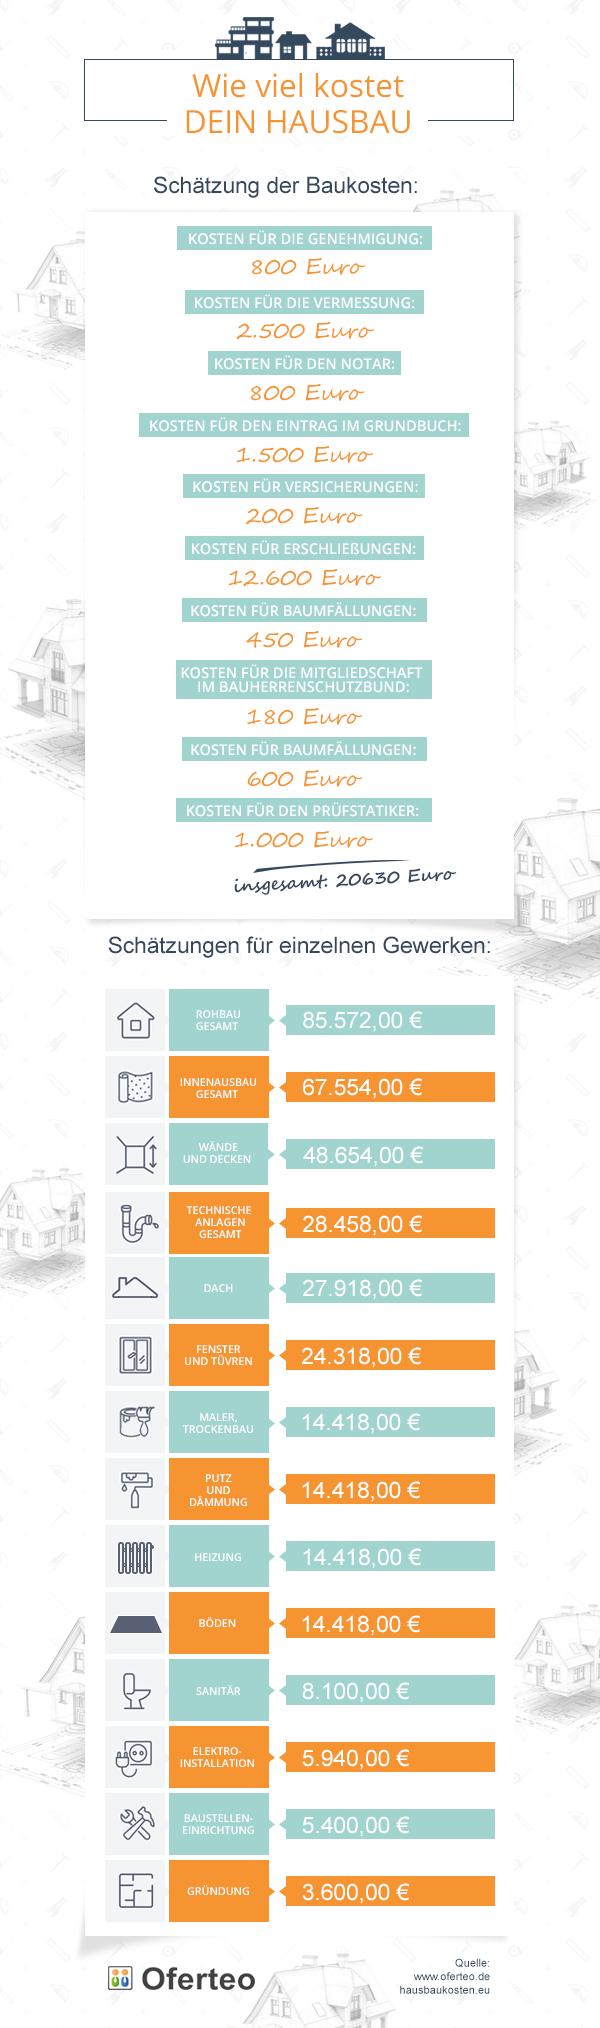 Hausbaukosten ohne Grundstück – eine Kostenübersicht size: 600 x 2028 post ID: 6 File size: 0 B